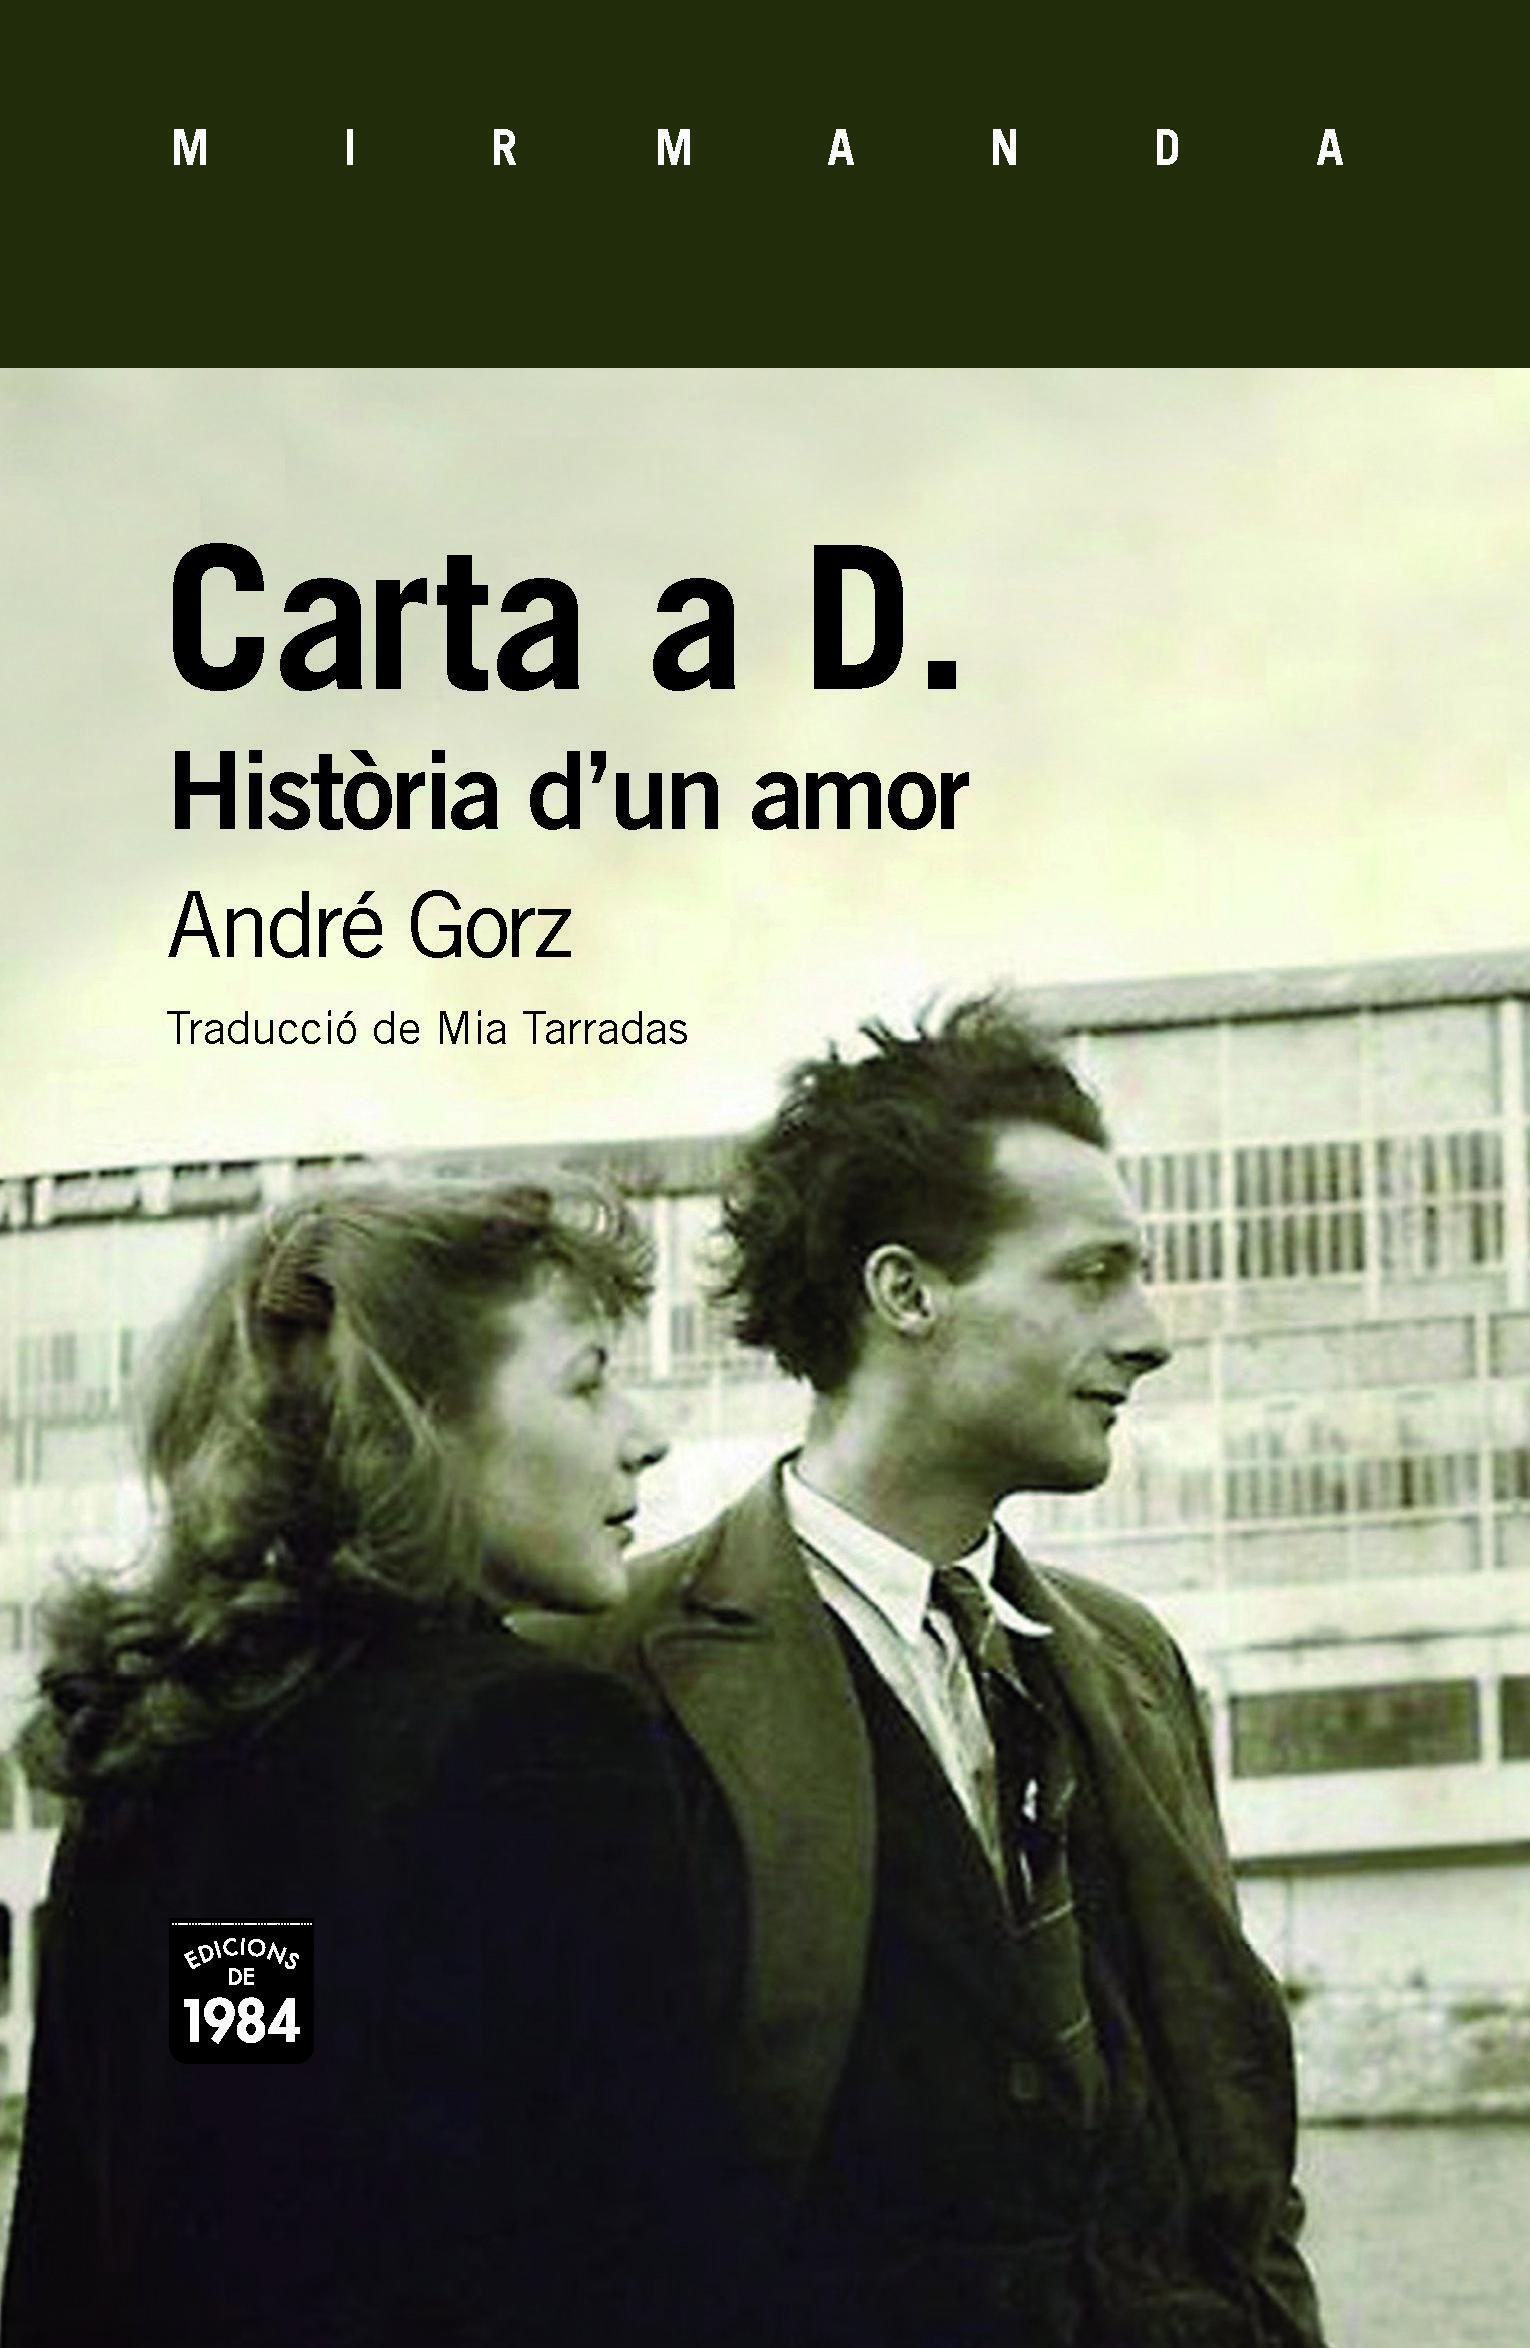 CARTA A D HISTORIA D UN AMOR